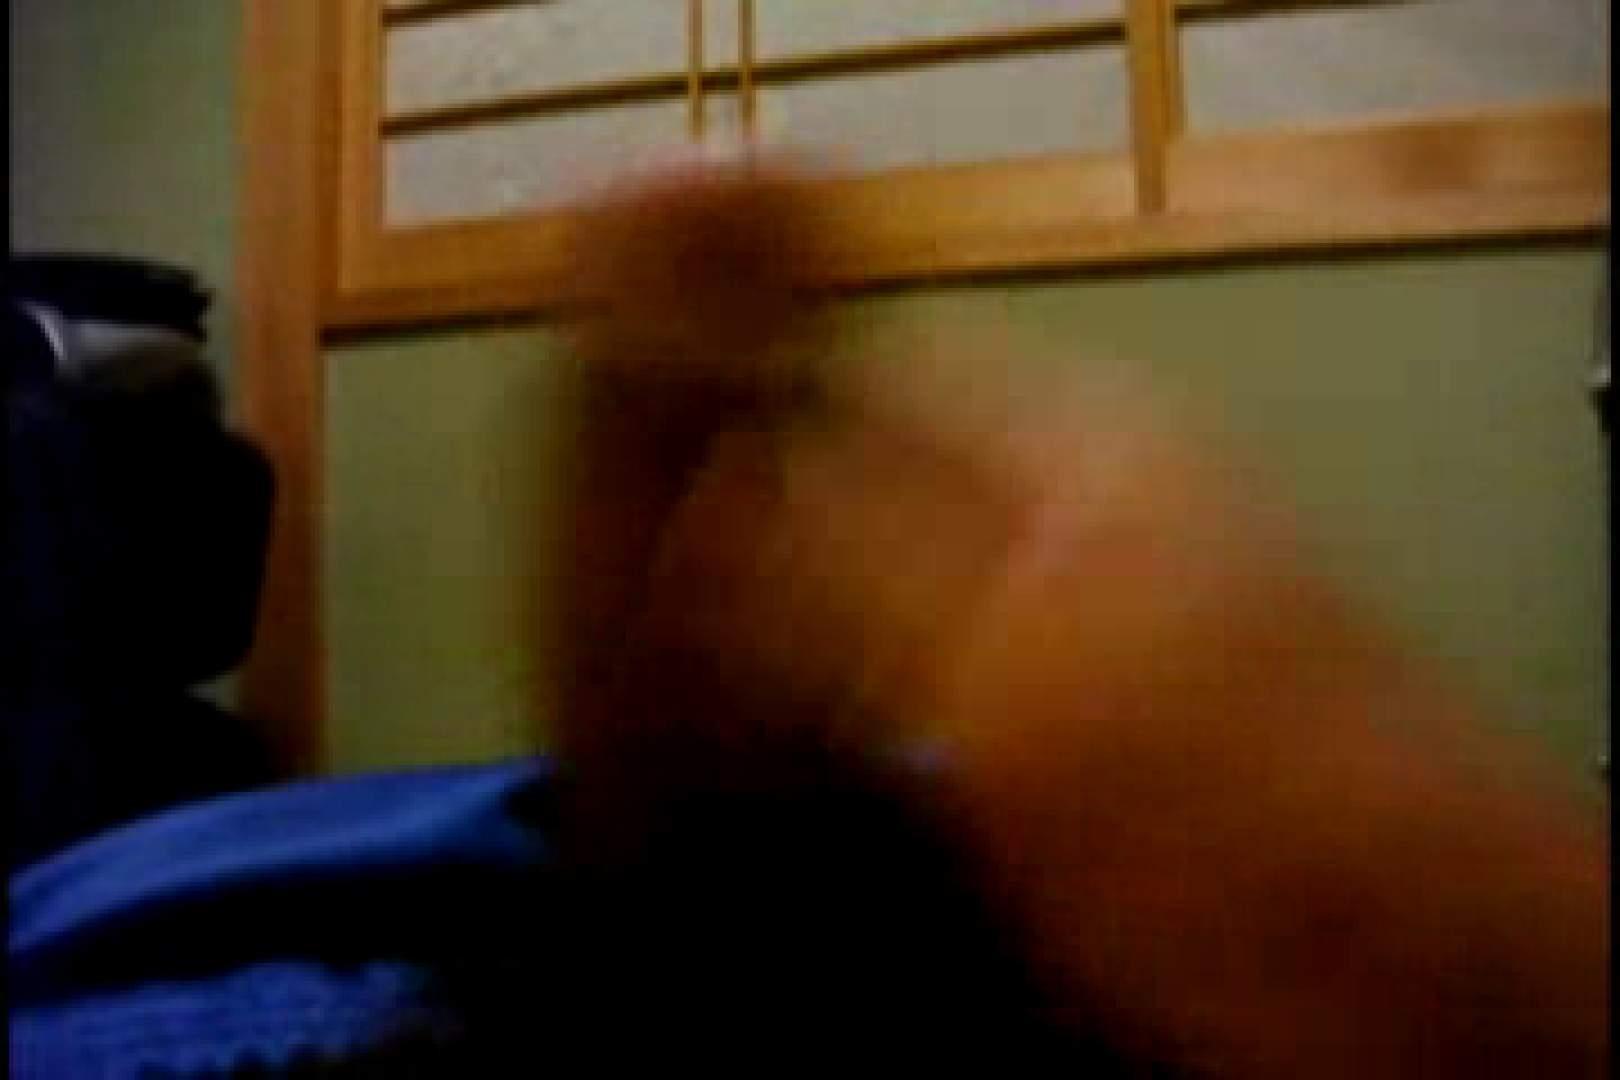 オナ好きノンケテニス部員の自画撮り投稿vol.02 射精 GAY無修正エロ動画 76枚 38